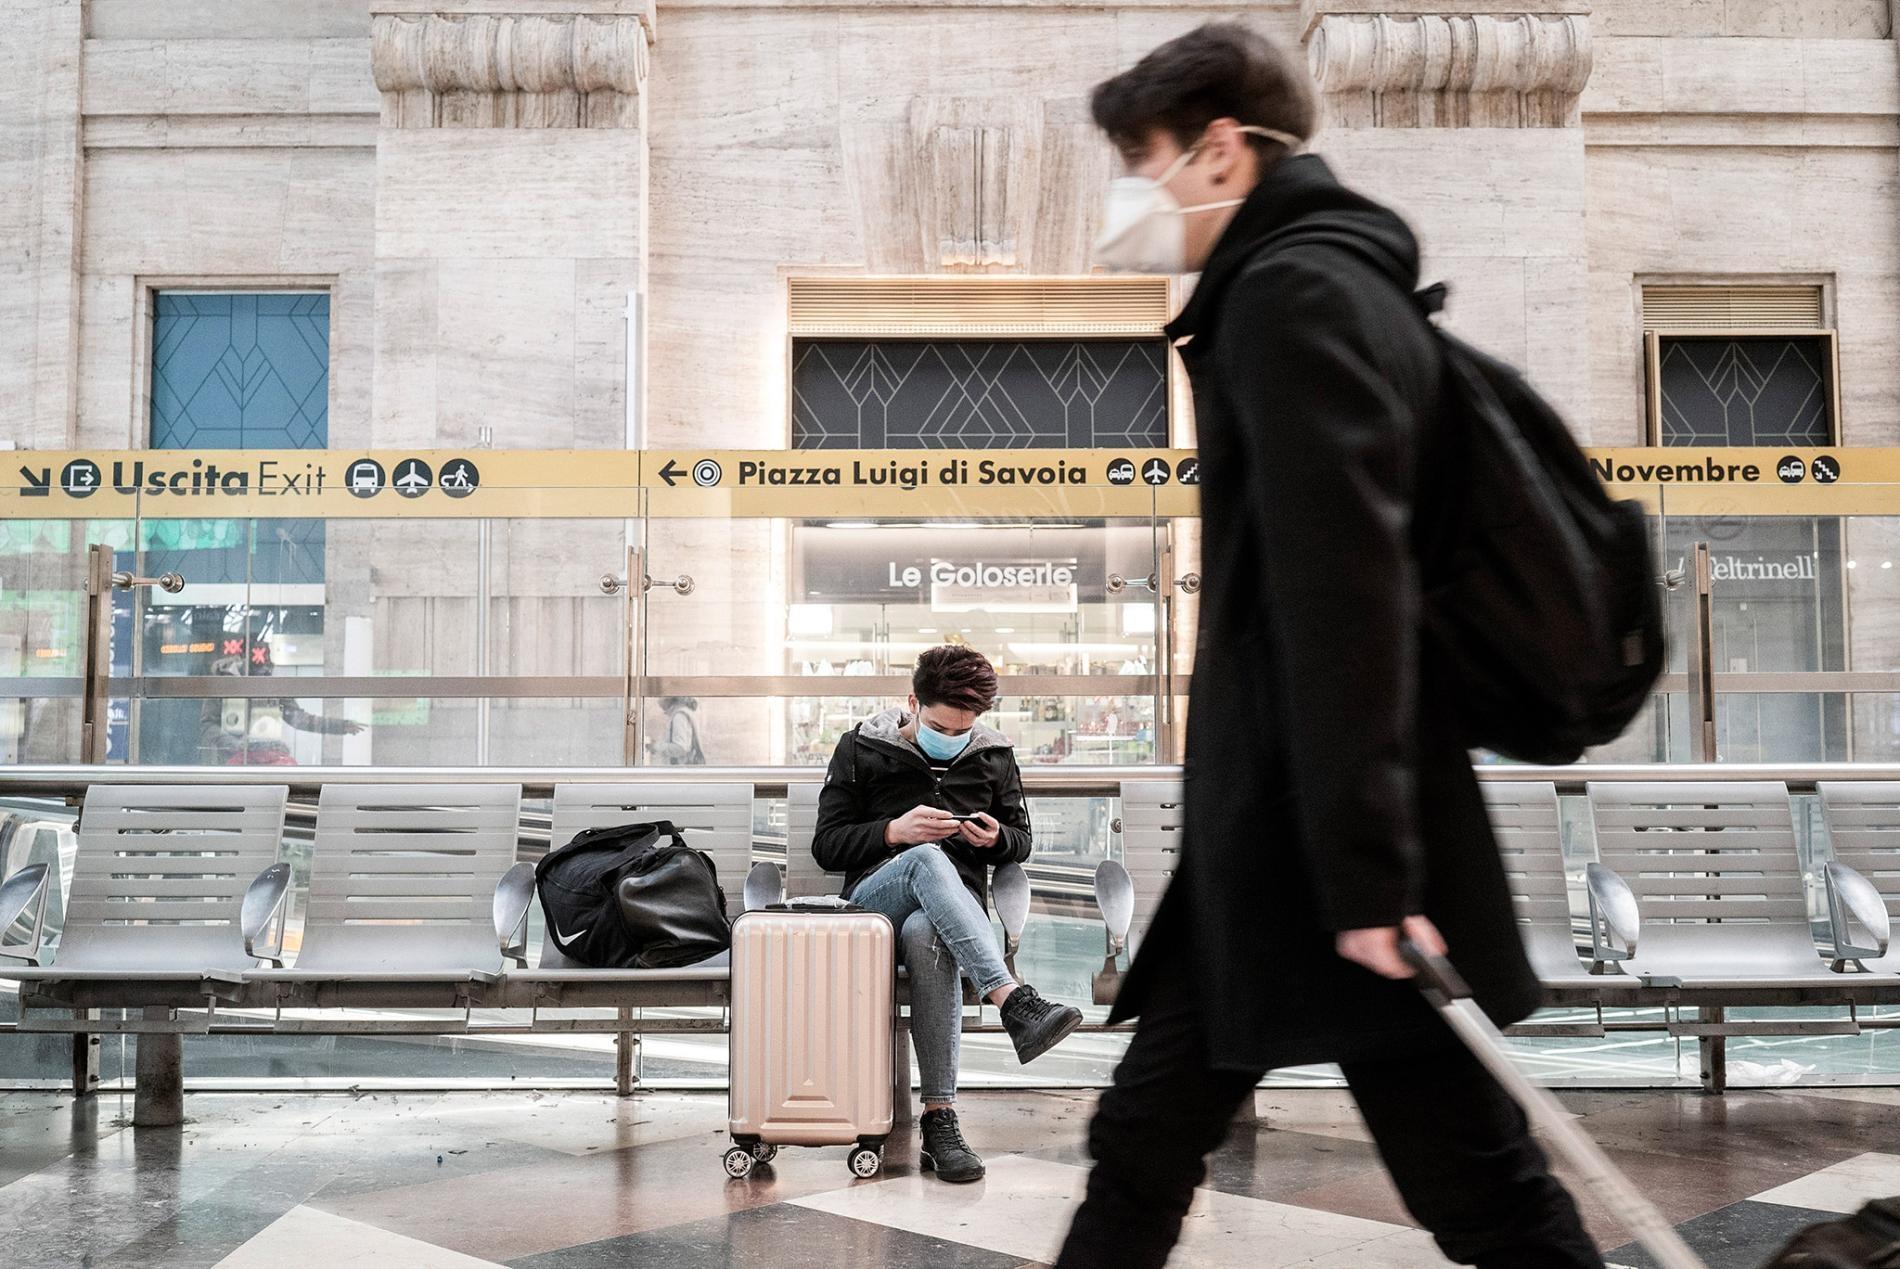 在義大利於3月8日的新版旅遊限制生效之前,一名旅客正在等候一班從米蘭中央車站出發的火車。PHOTOGRAPH BY ALESSANDRO GRASSANI, THE NEW YORK TIMES/REDUX